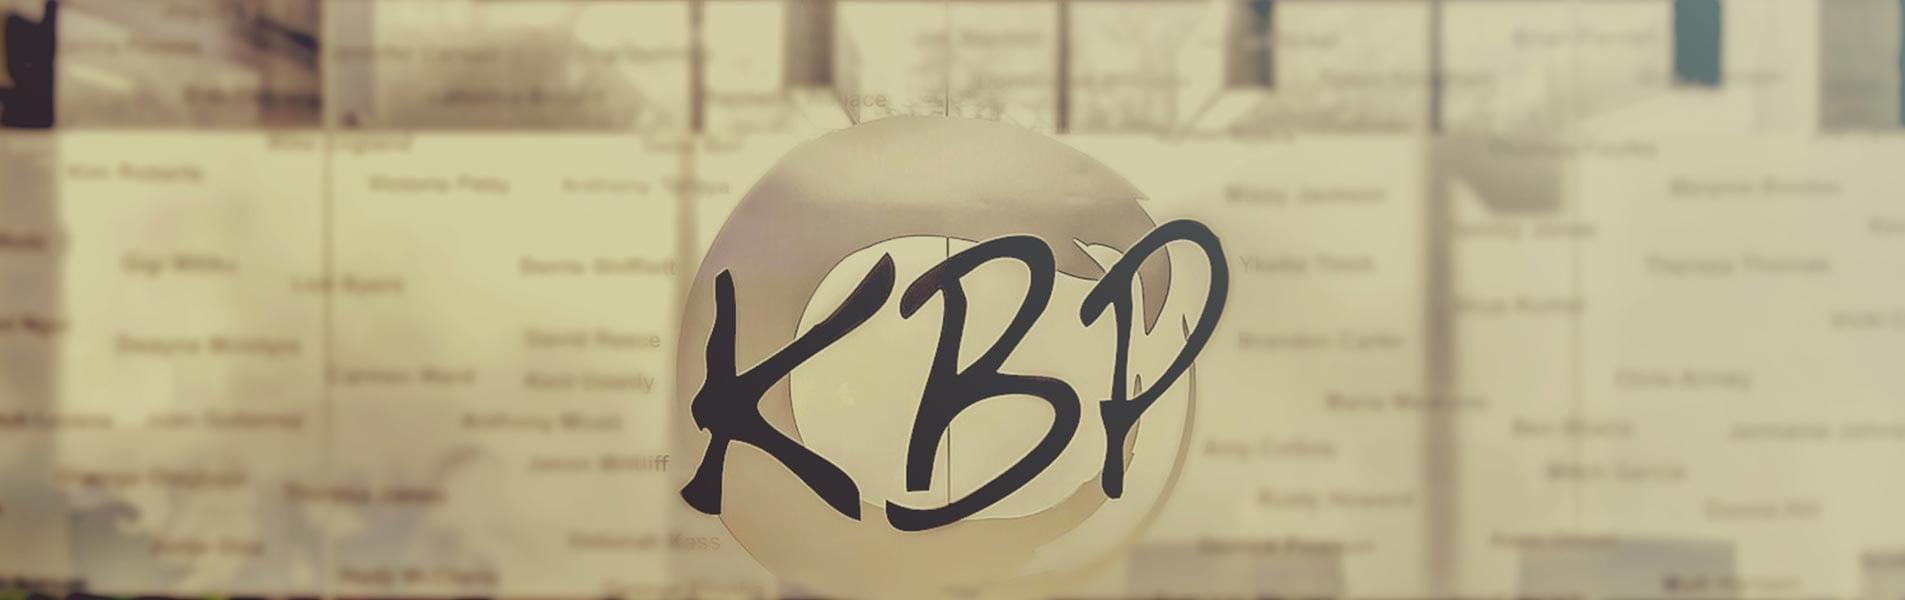 Kbp Foods Traditions Header